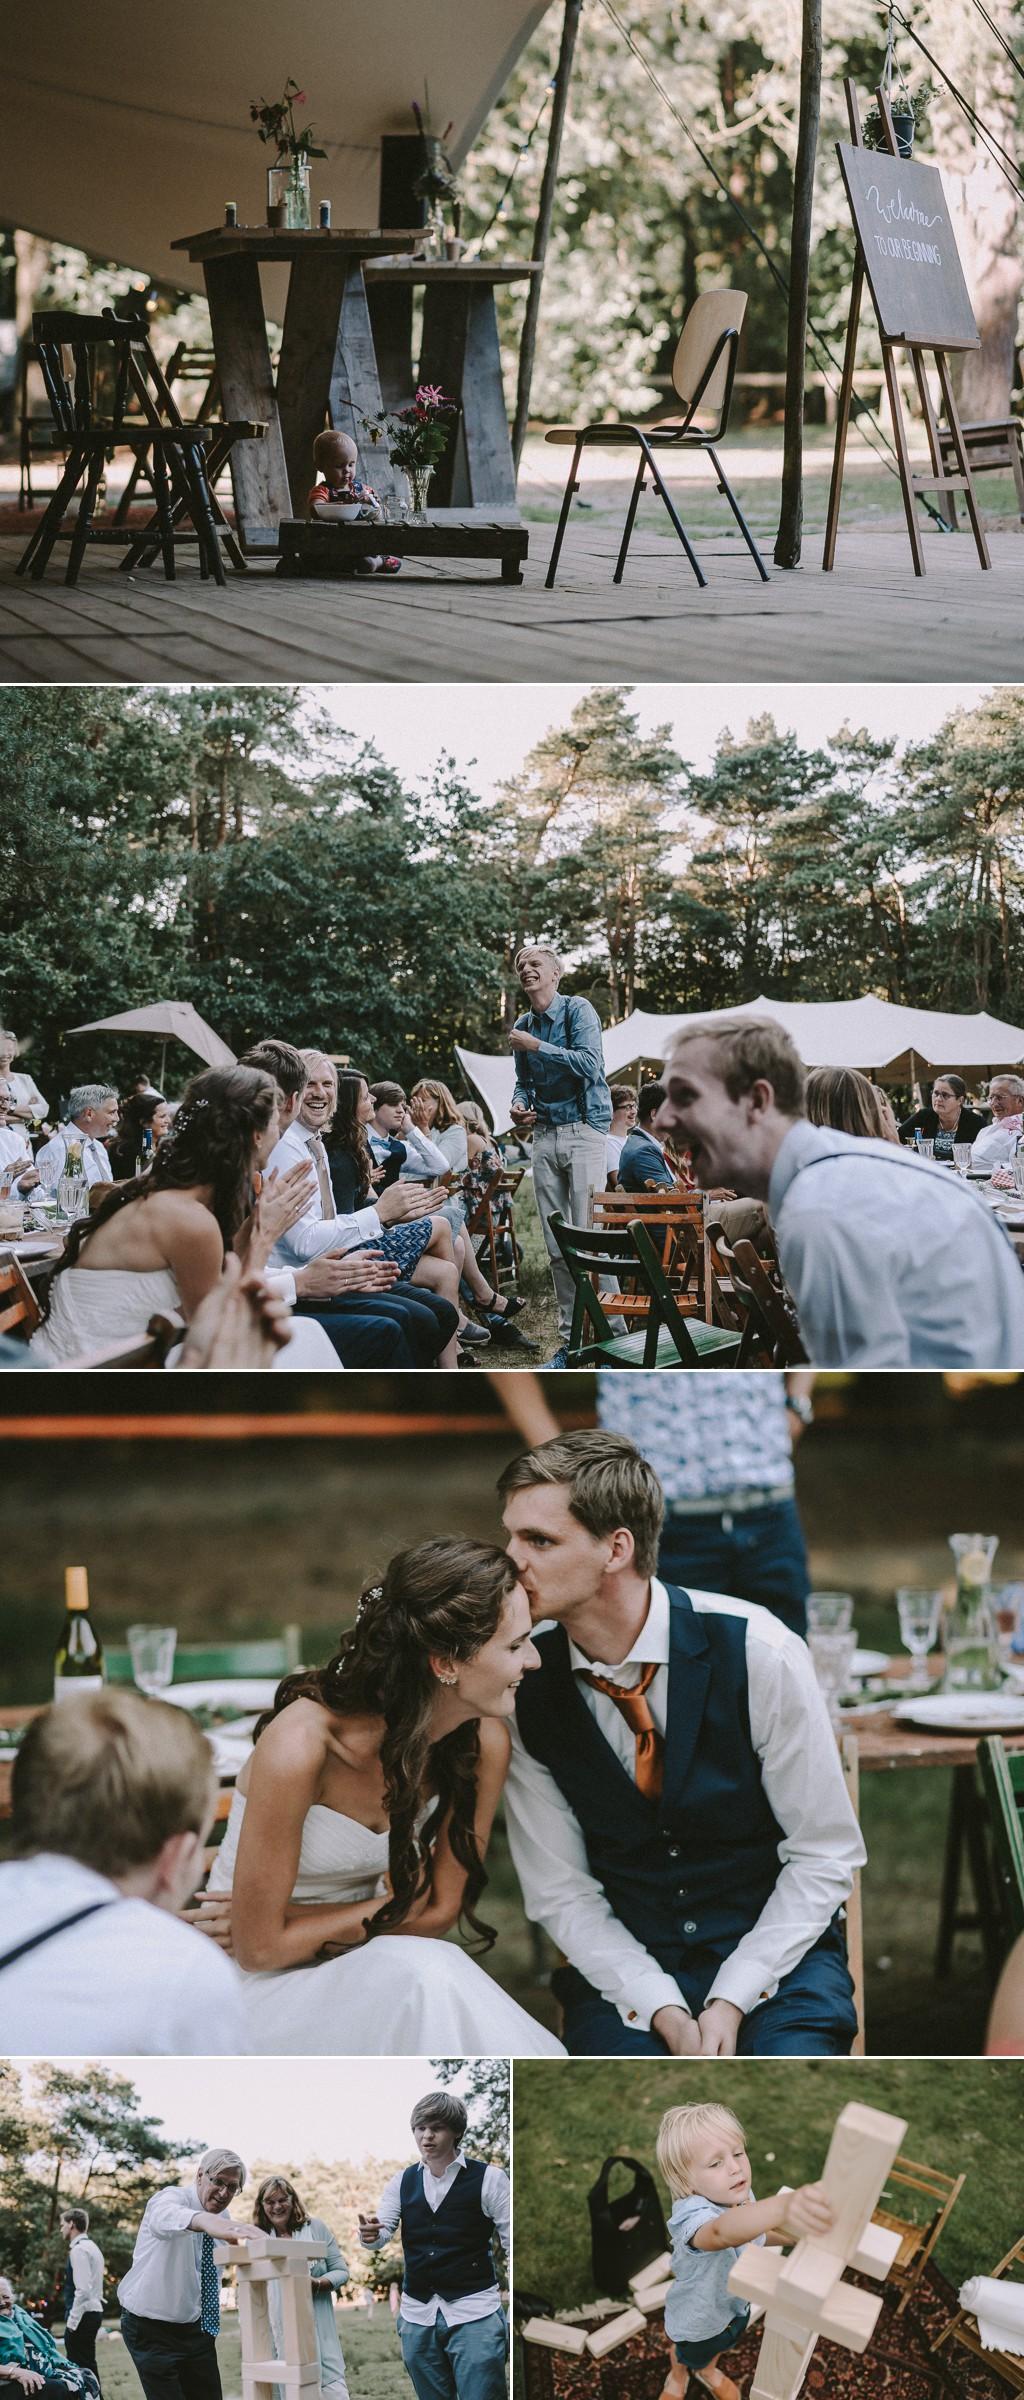 fotografie-steef-utama-te-leuk-trouwen-nunspeet-rotterdam-trouwen-in-het-bos-09